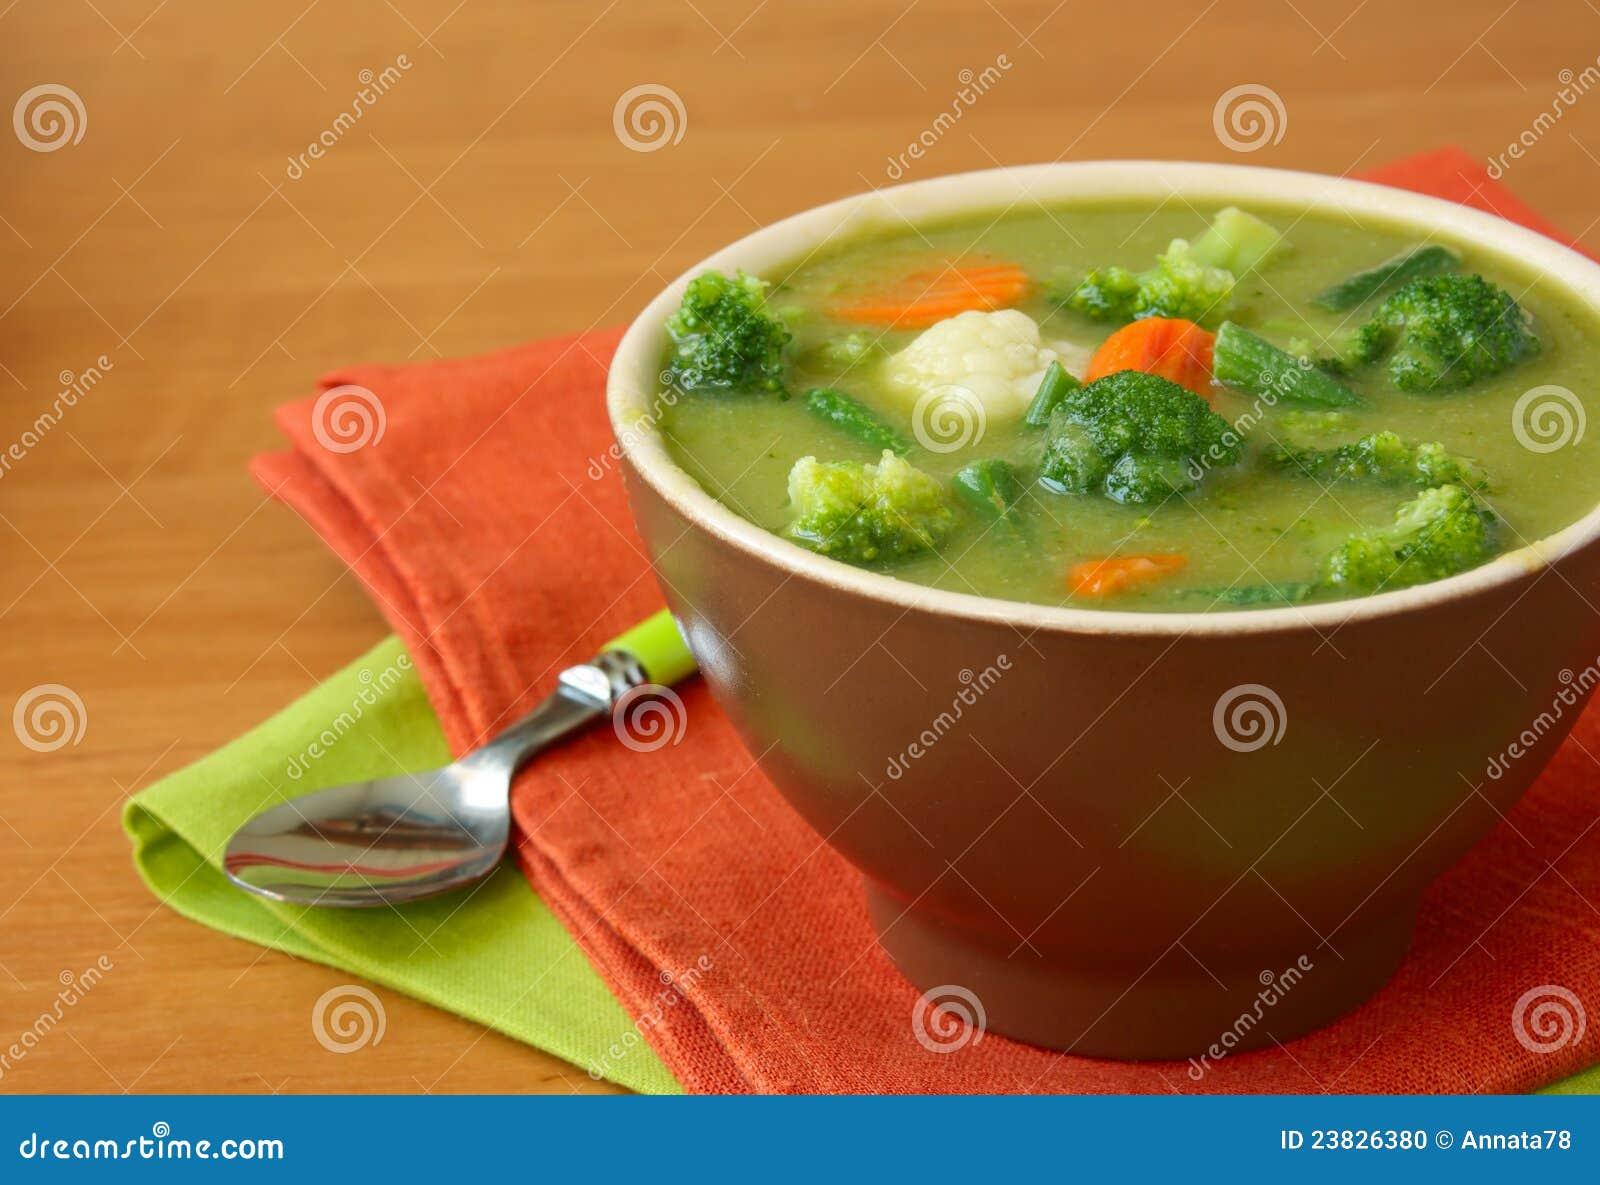 汤蔬菜素食主义者